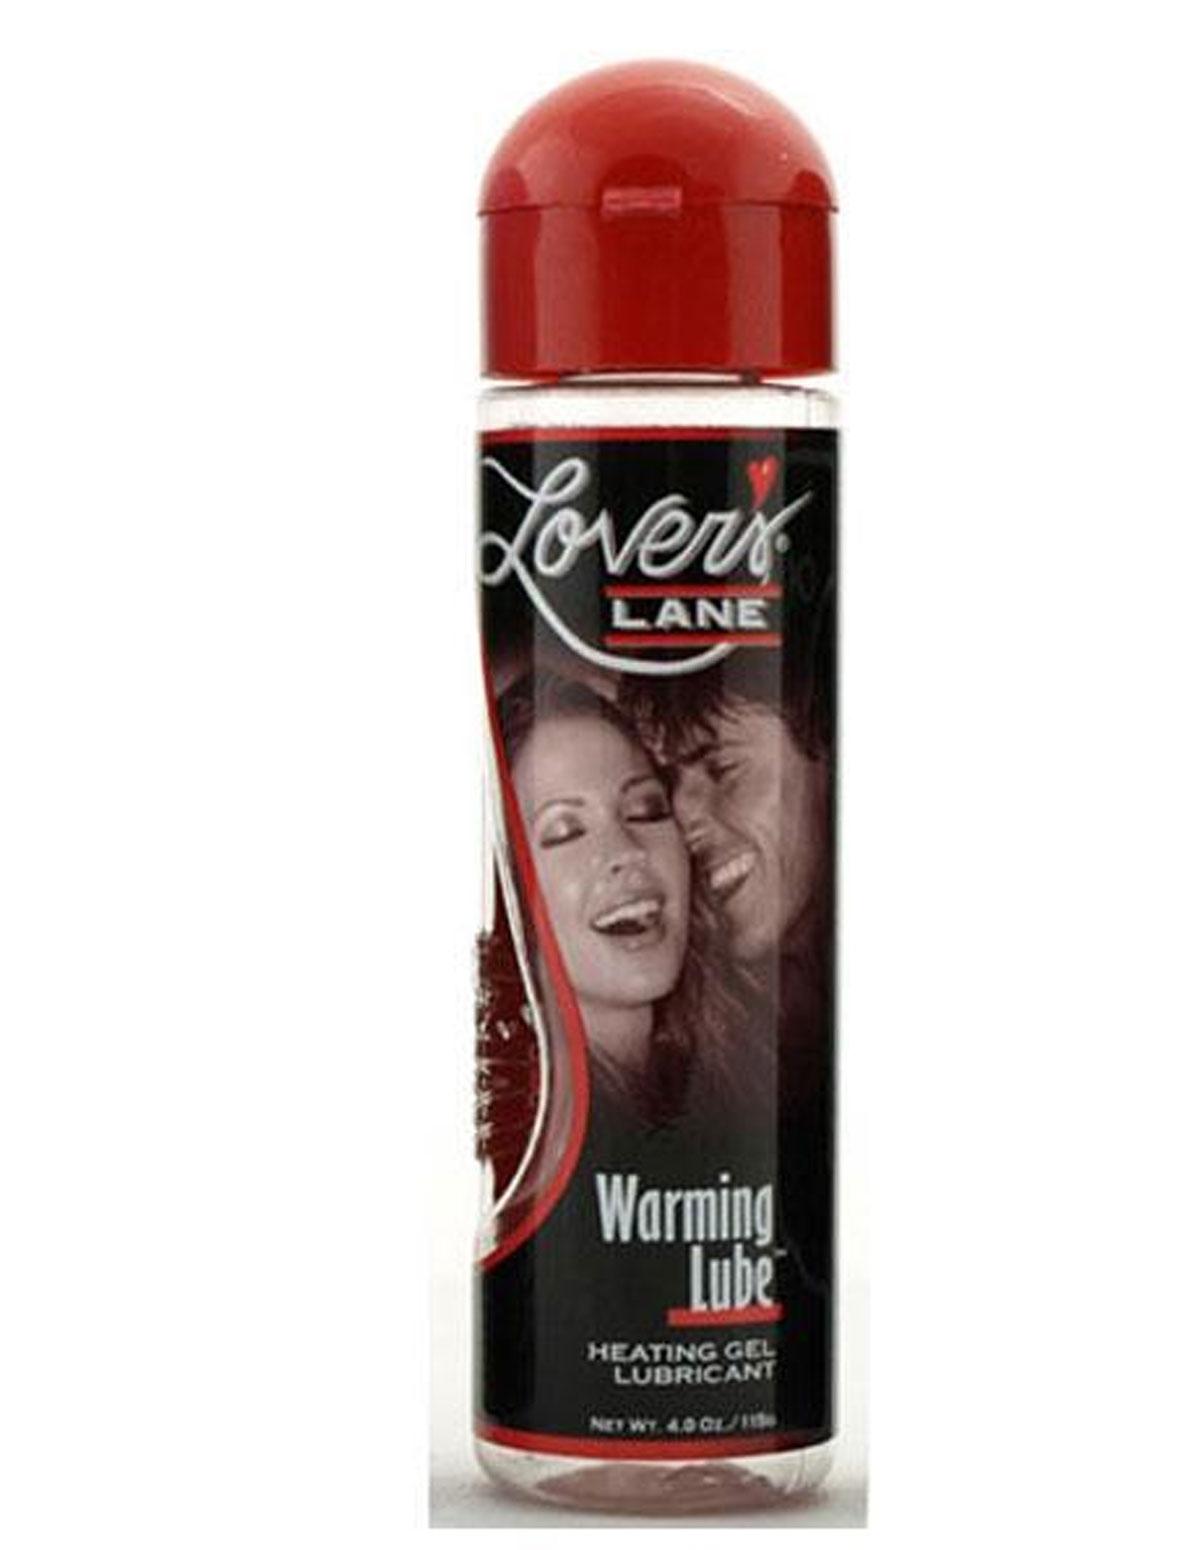 Lovers Lane Warming Lube